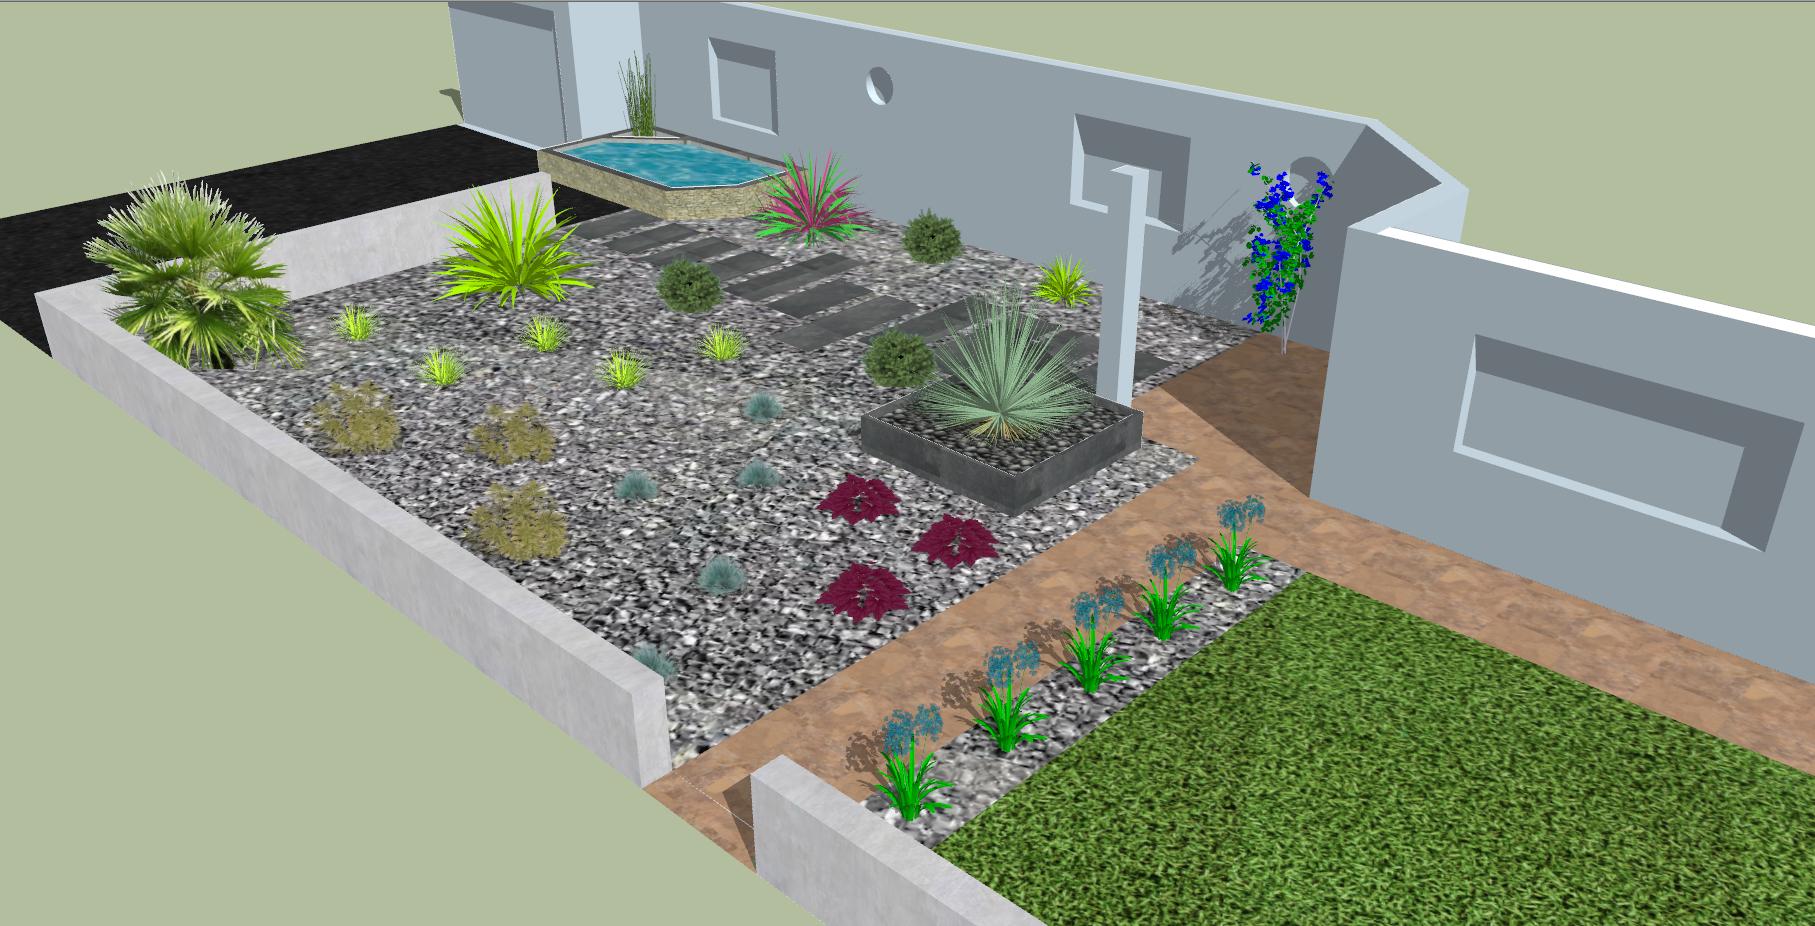 Plans de jardin - Paysagiste Rennes Création de jardin